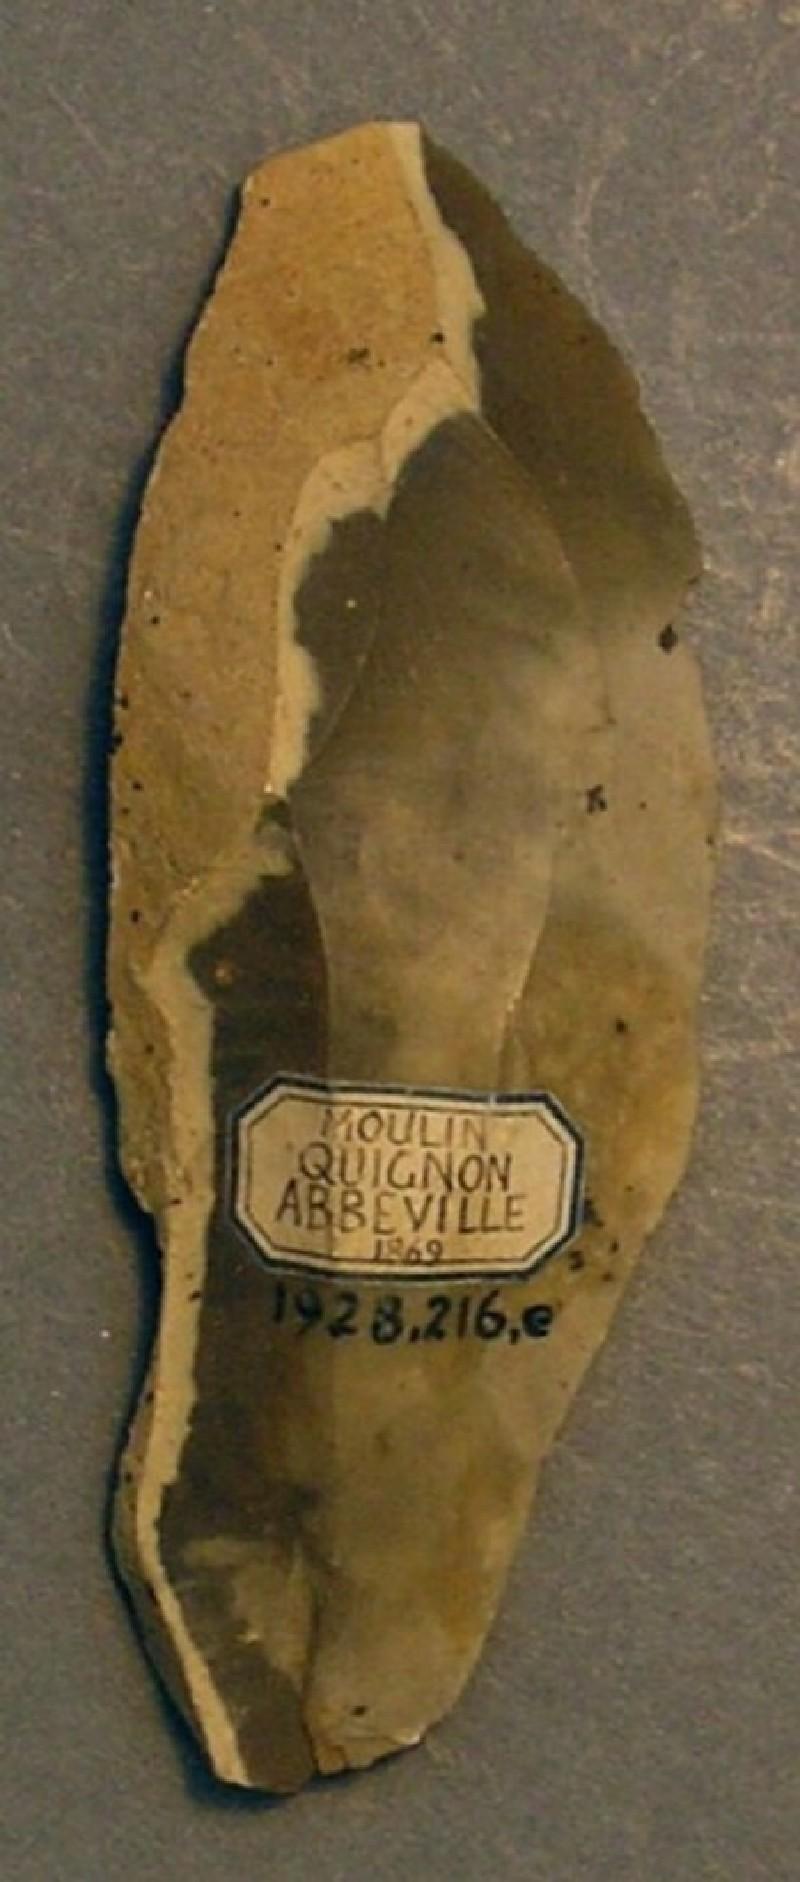 (AN1928.216.e, record shot)